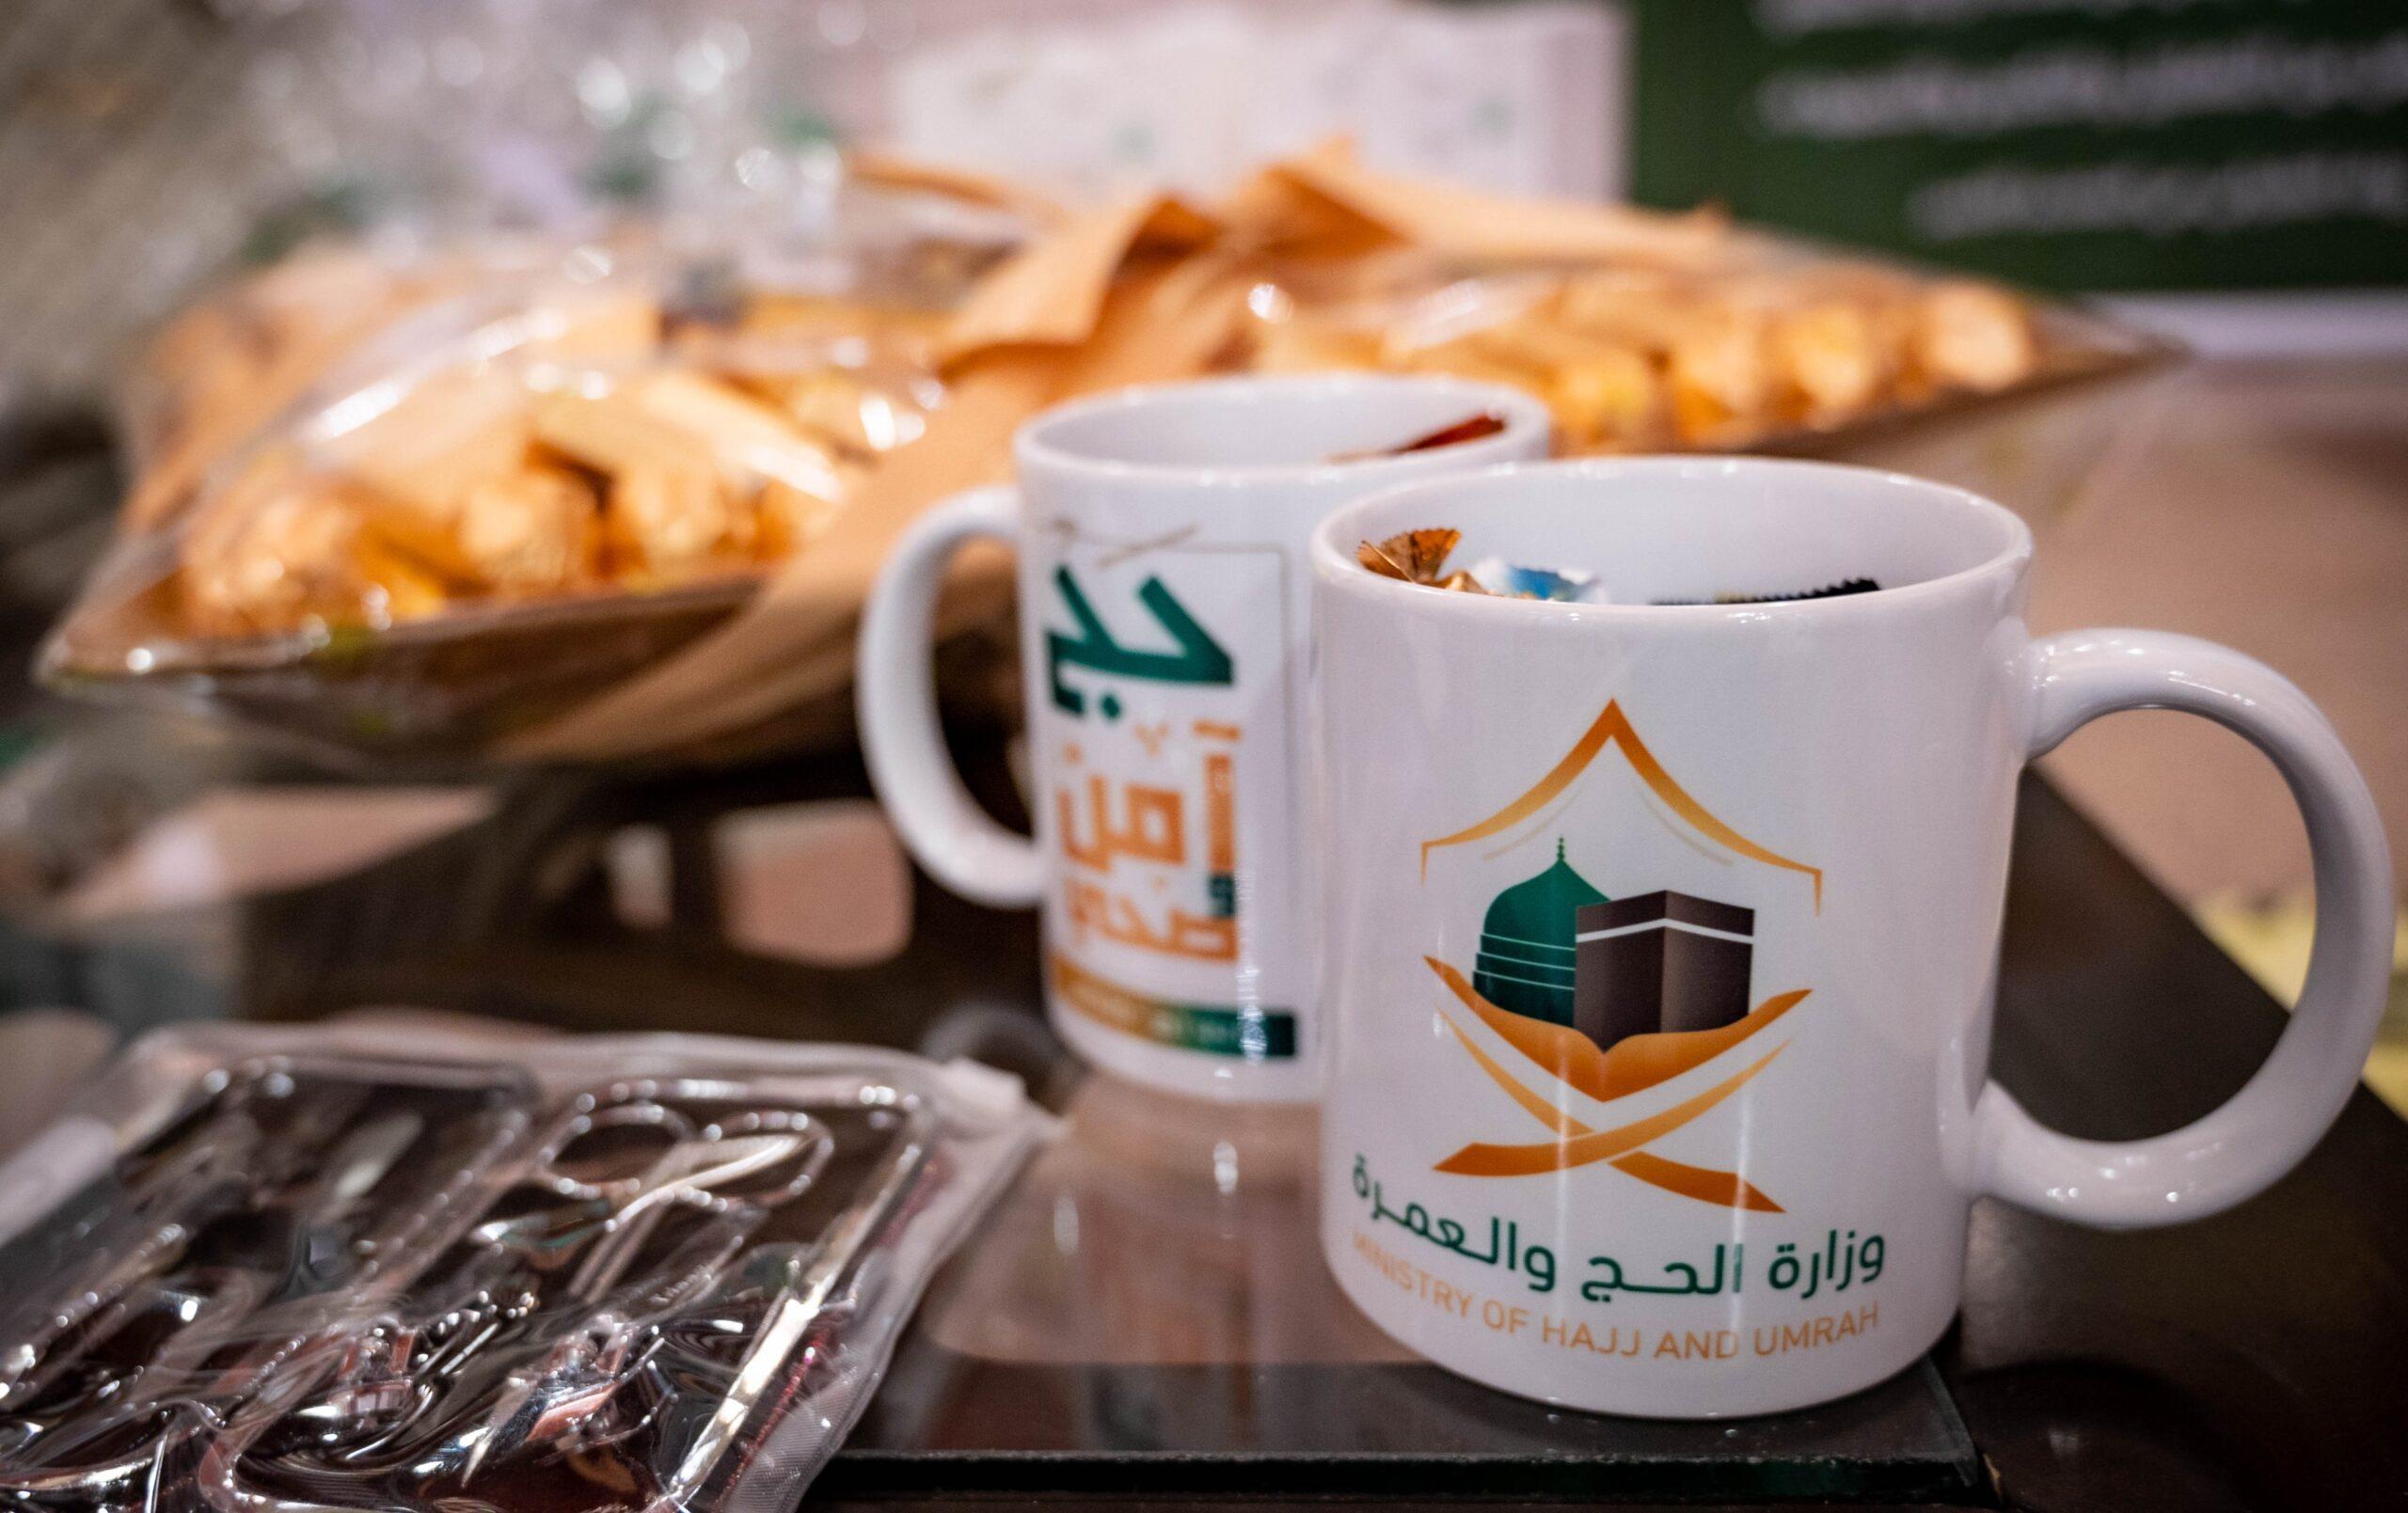 أفكار لهدايا الأحباب من مكة